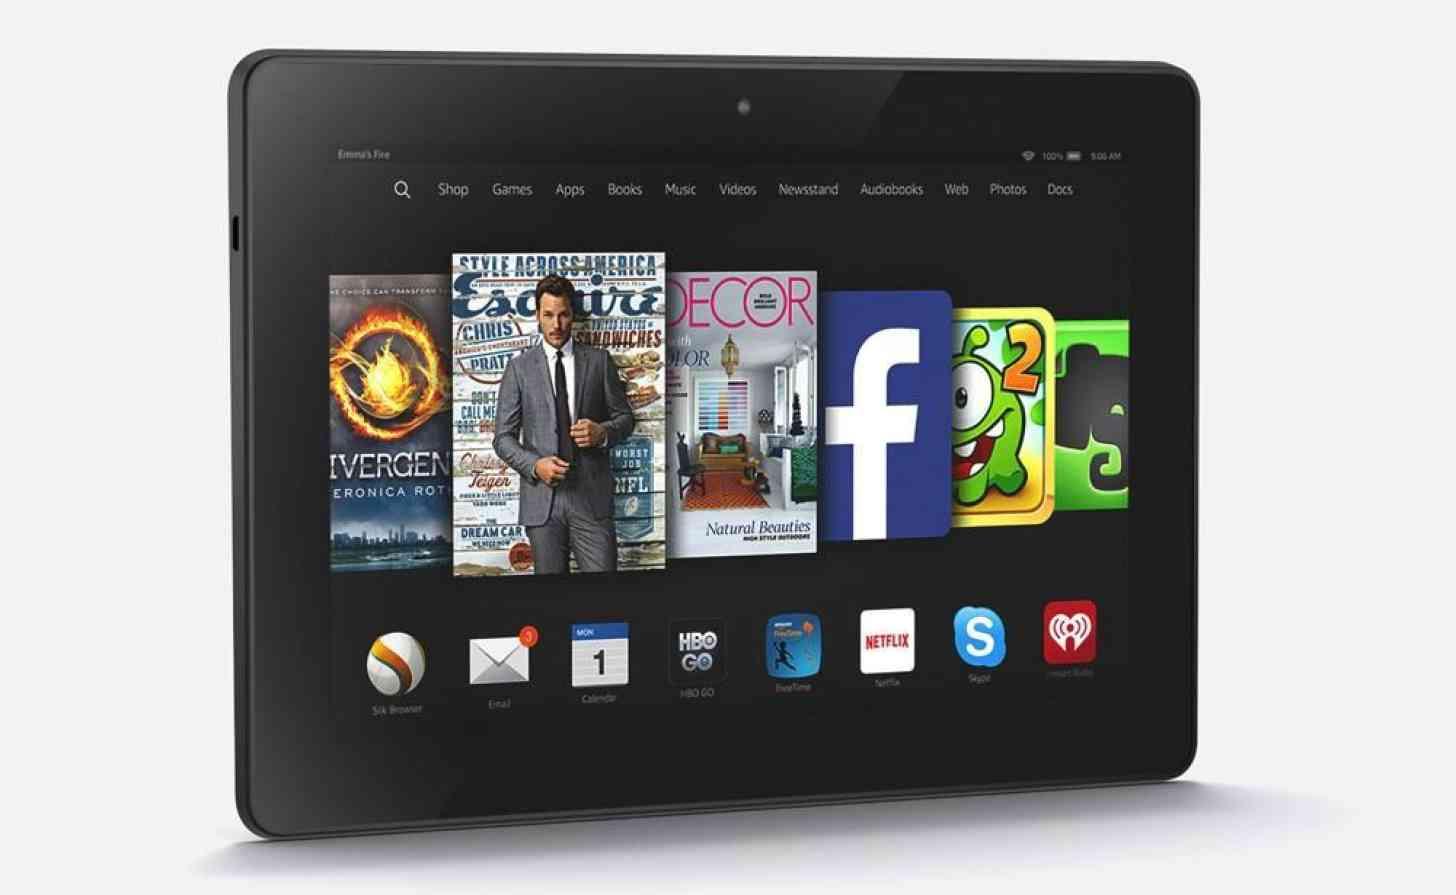 Amazon Fire HDX 8.9 front